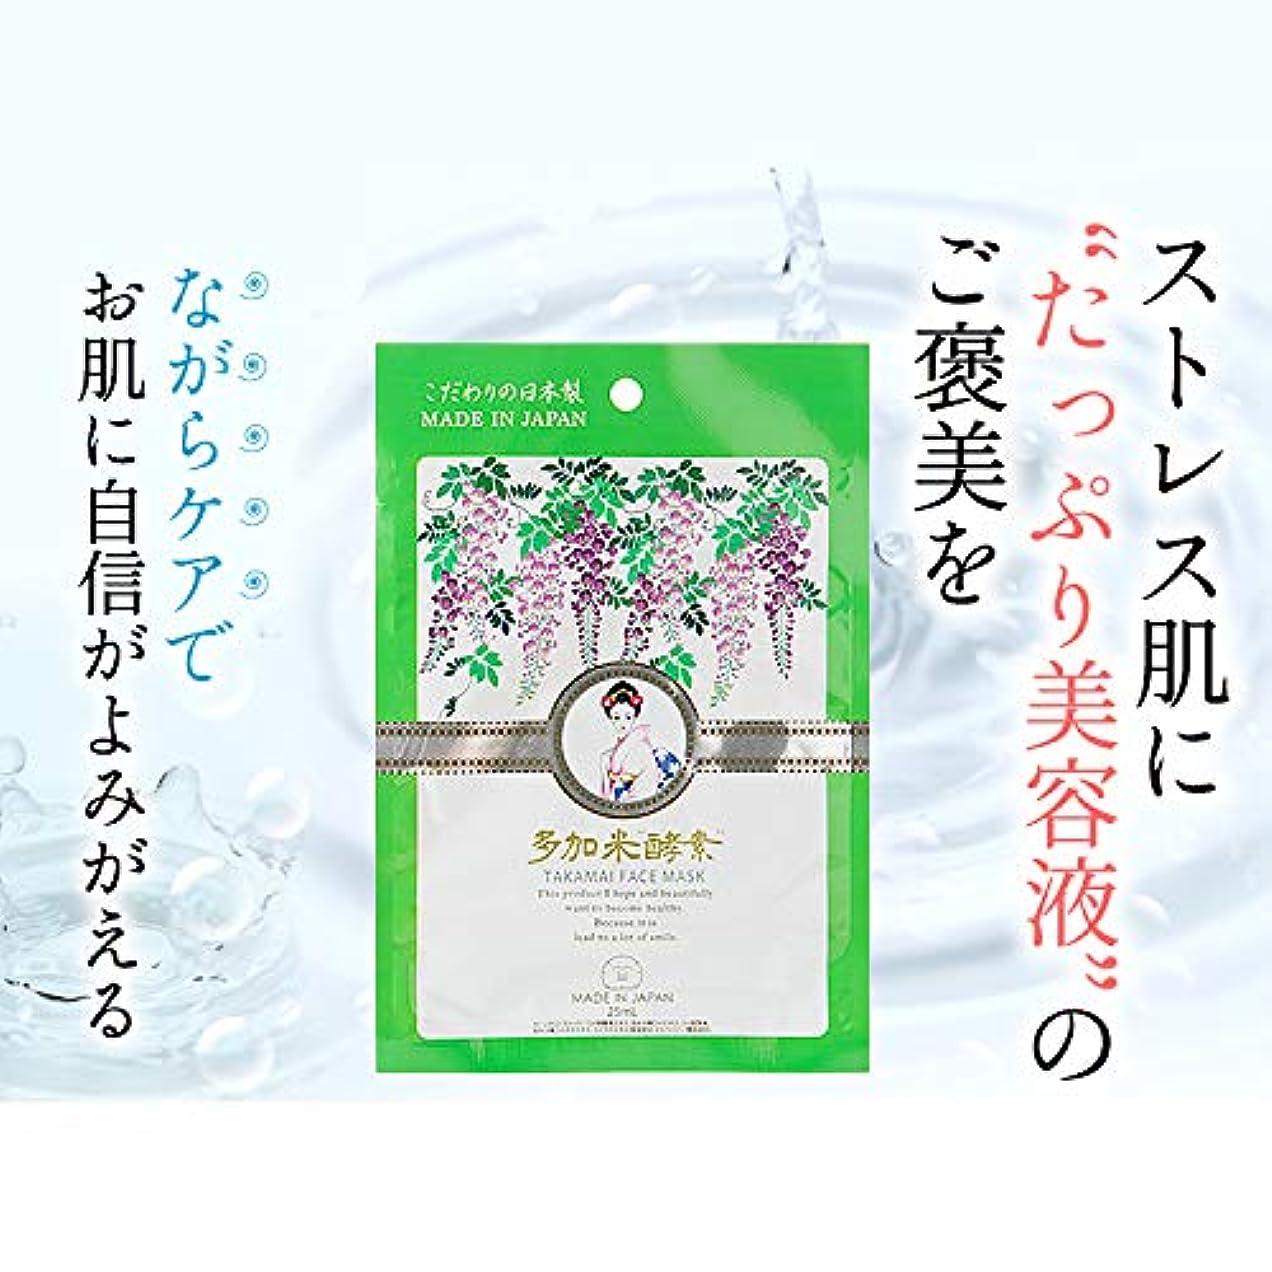 神話製作アブストラクト多加米酵素フェイスマスク シートマスク フェイスマスク 保湿マスク 美容液 25ml 10枚セット